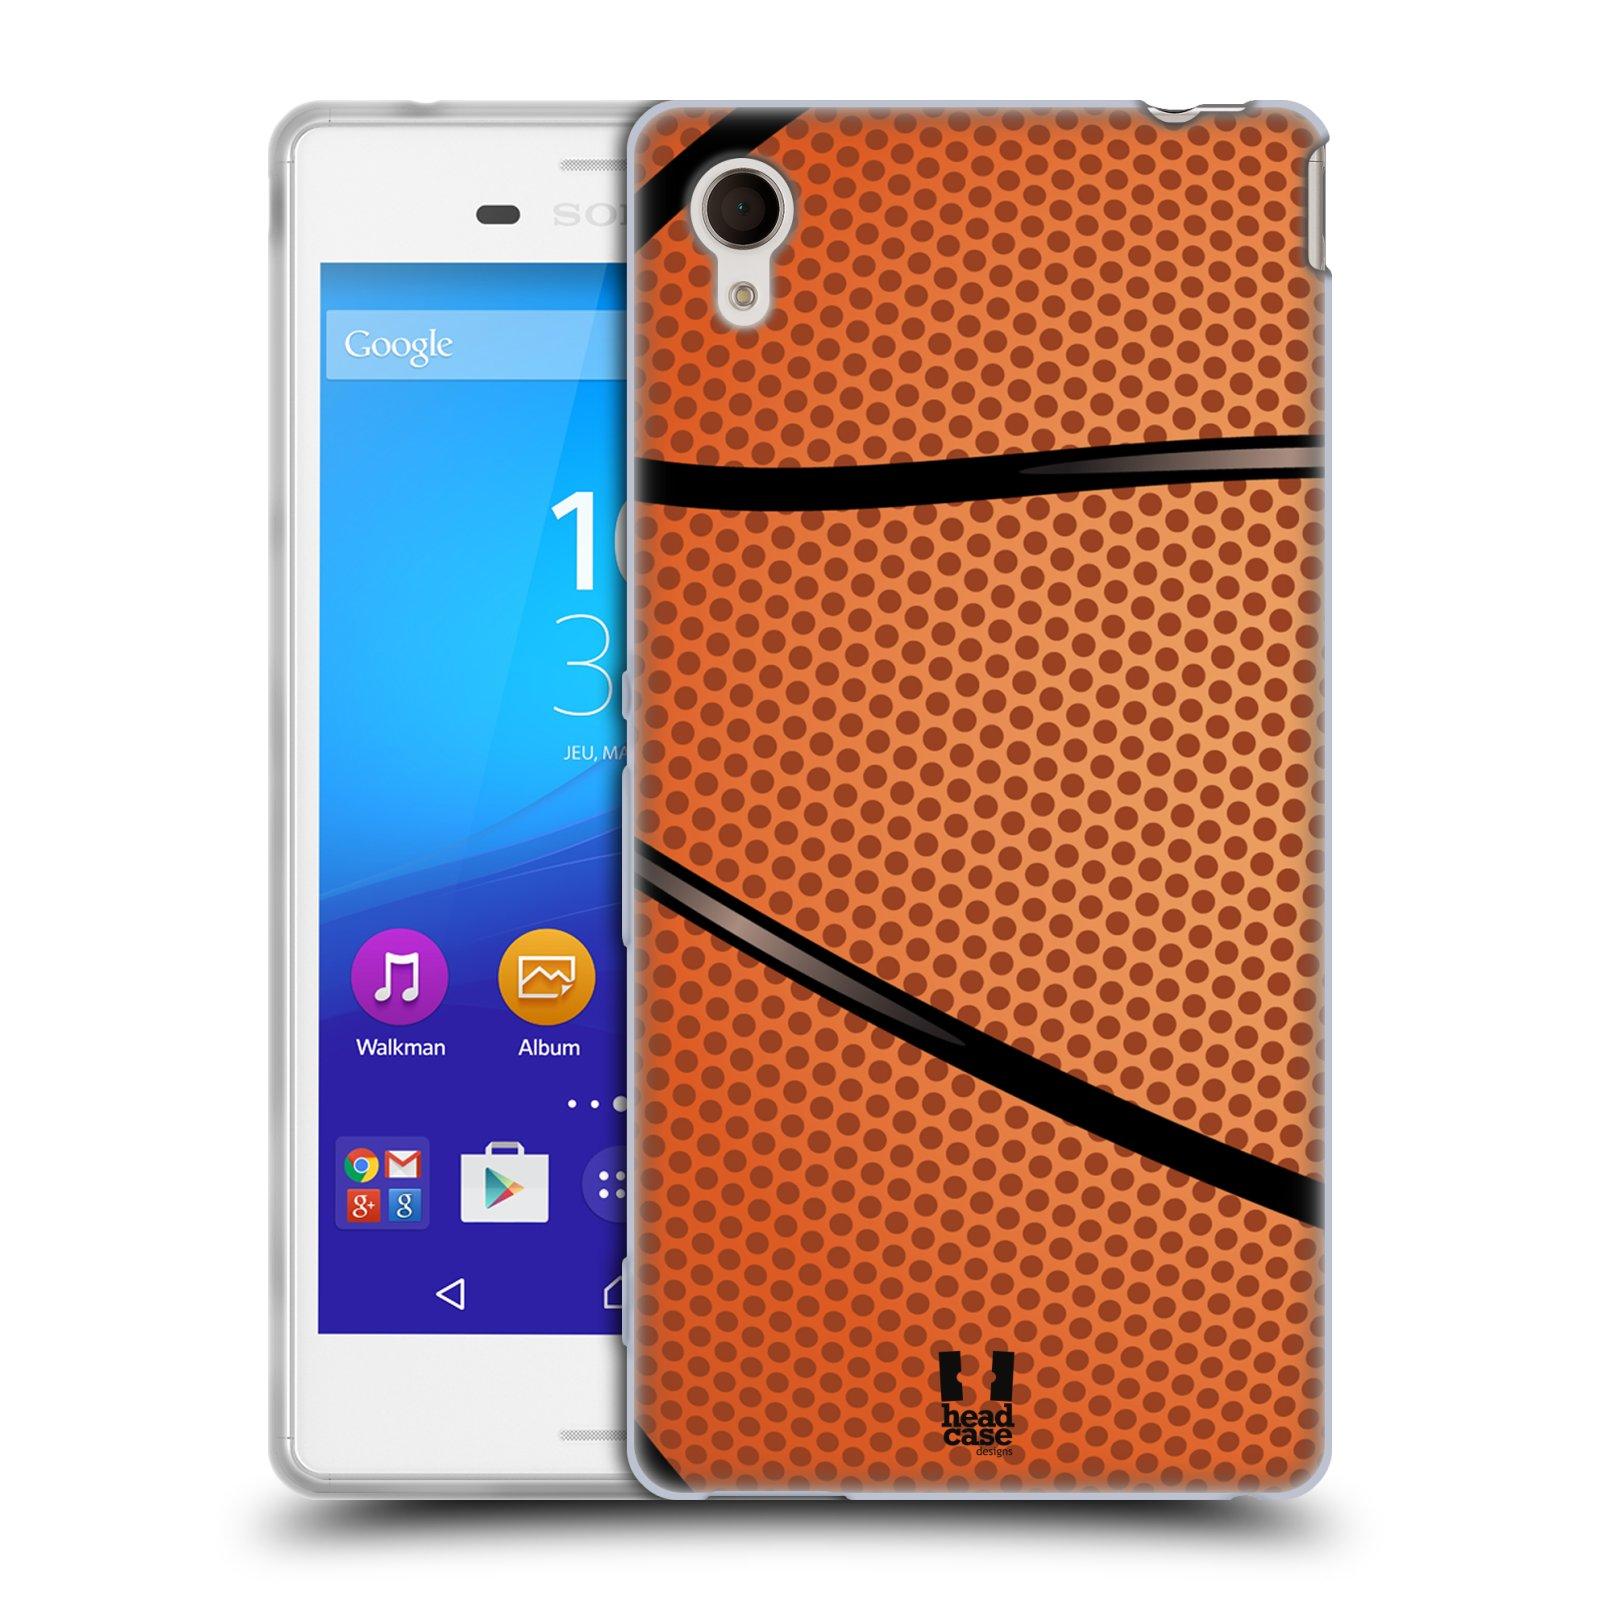 Silikonové pouzdro na mobil Sony Xperia M4 Aqua E2303 HEAD CASE BASKEŤÁK (Silikonový kryt či obal na mobilní telefon Sony Xperia M4 Aqua a M4 Aqua Dual SIM)